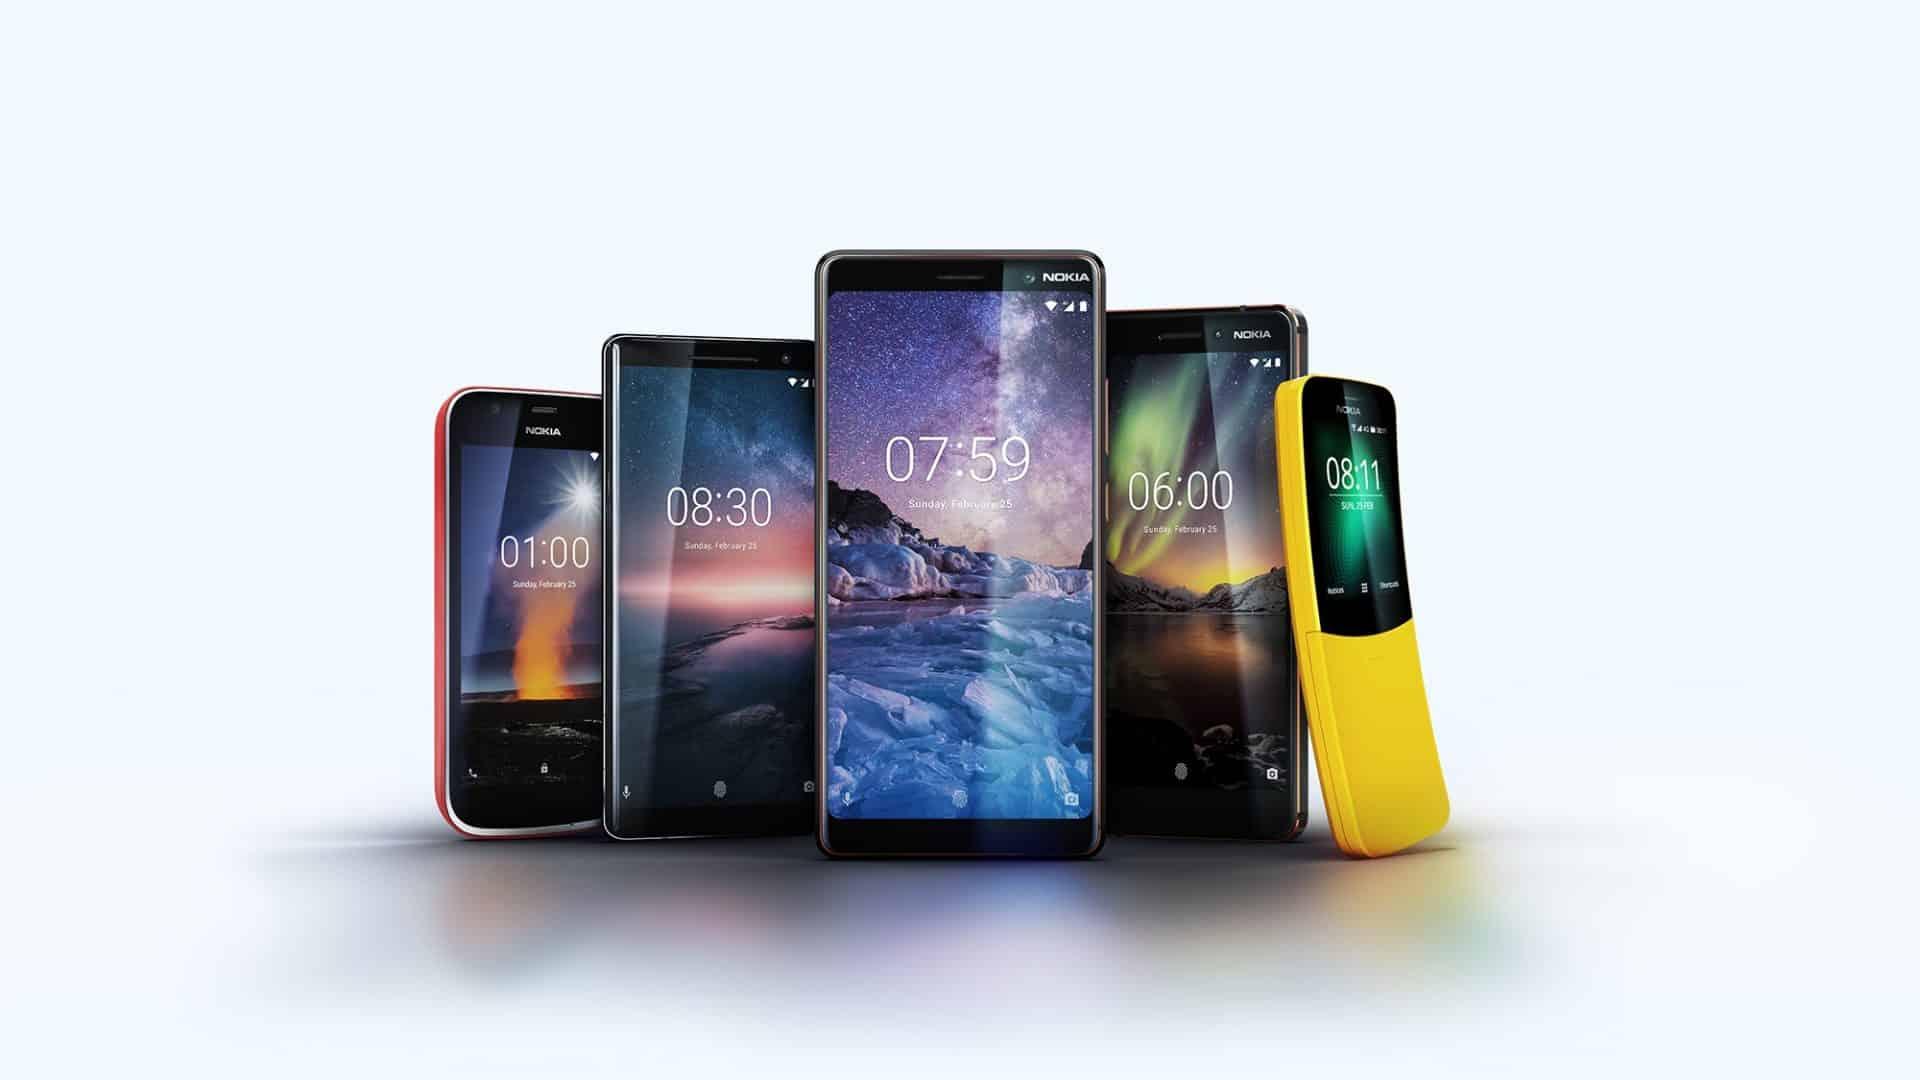 Banán a had v jednom. Nokia 3.1 a Nokia 8110 dostupné na českém trhu